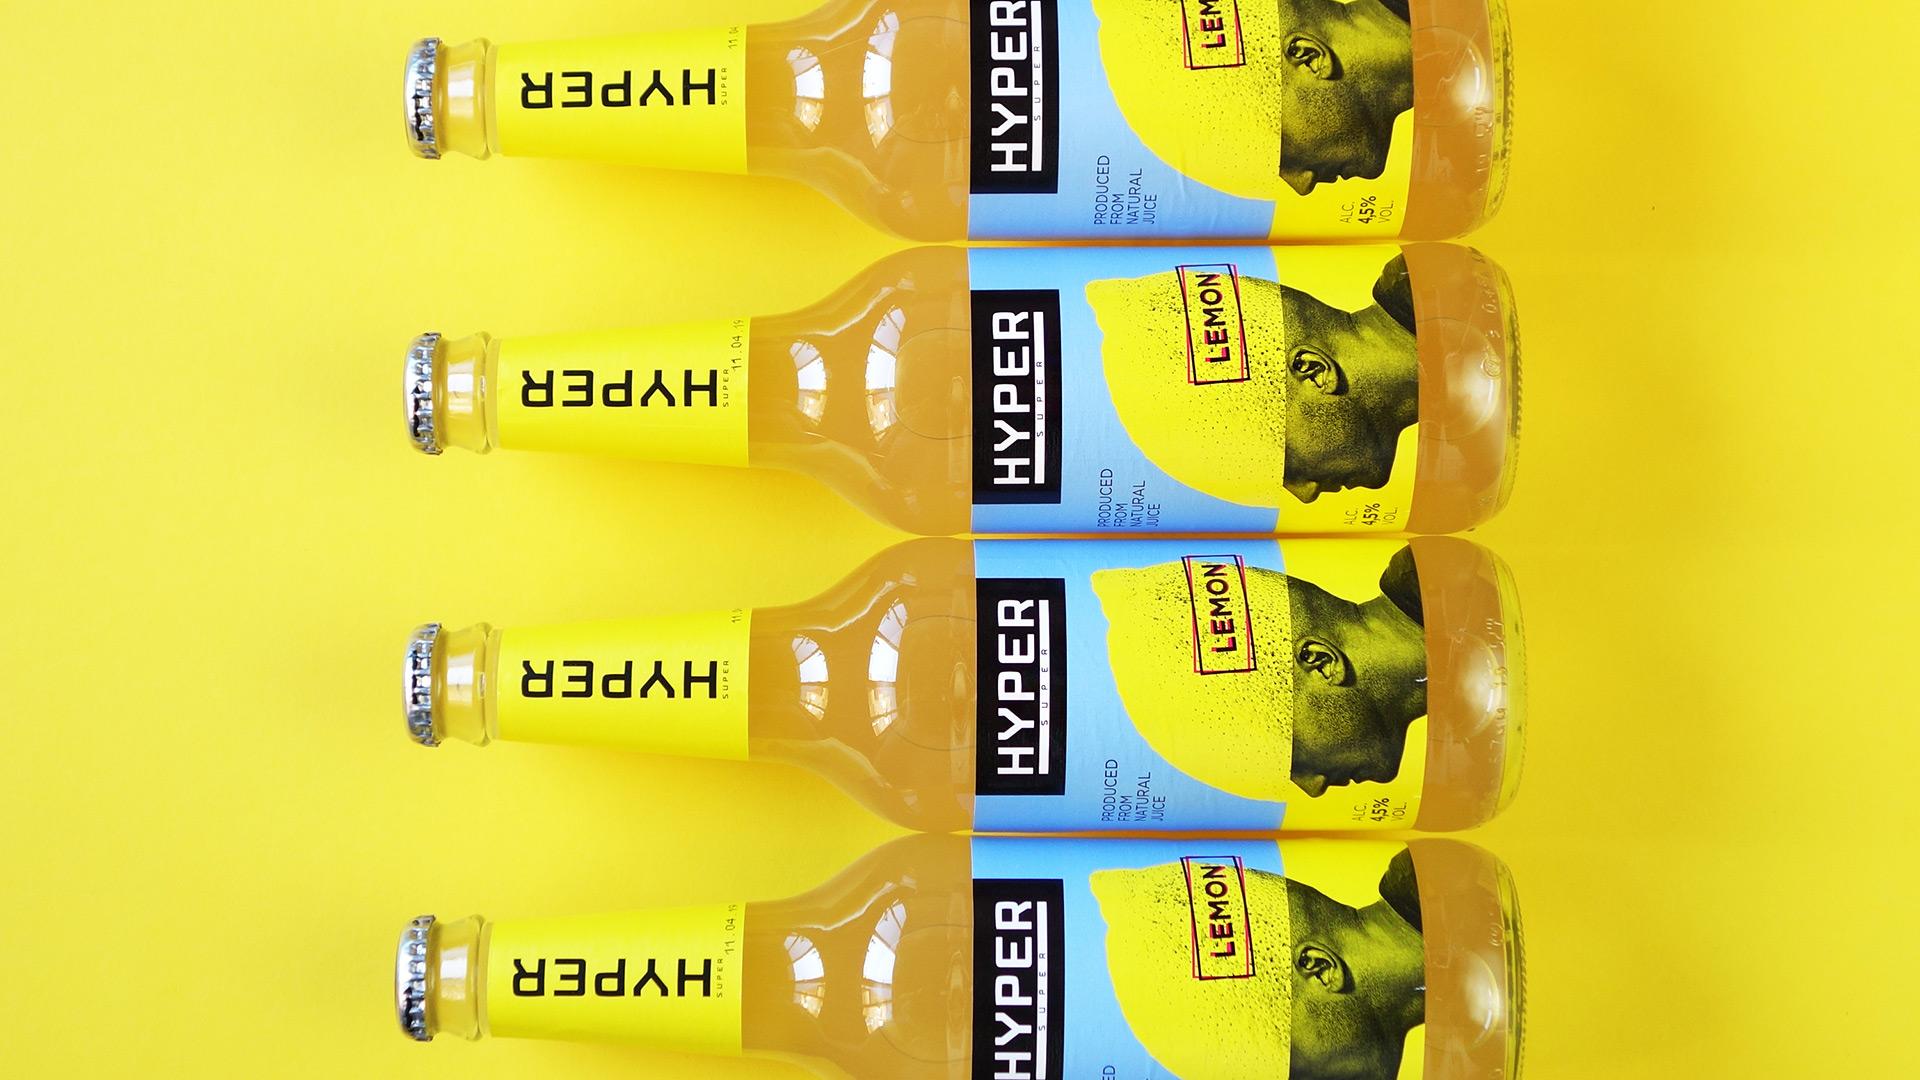 Asgard Branding, packaging, illustration, packaging design, head, lemon, Hyper,